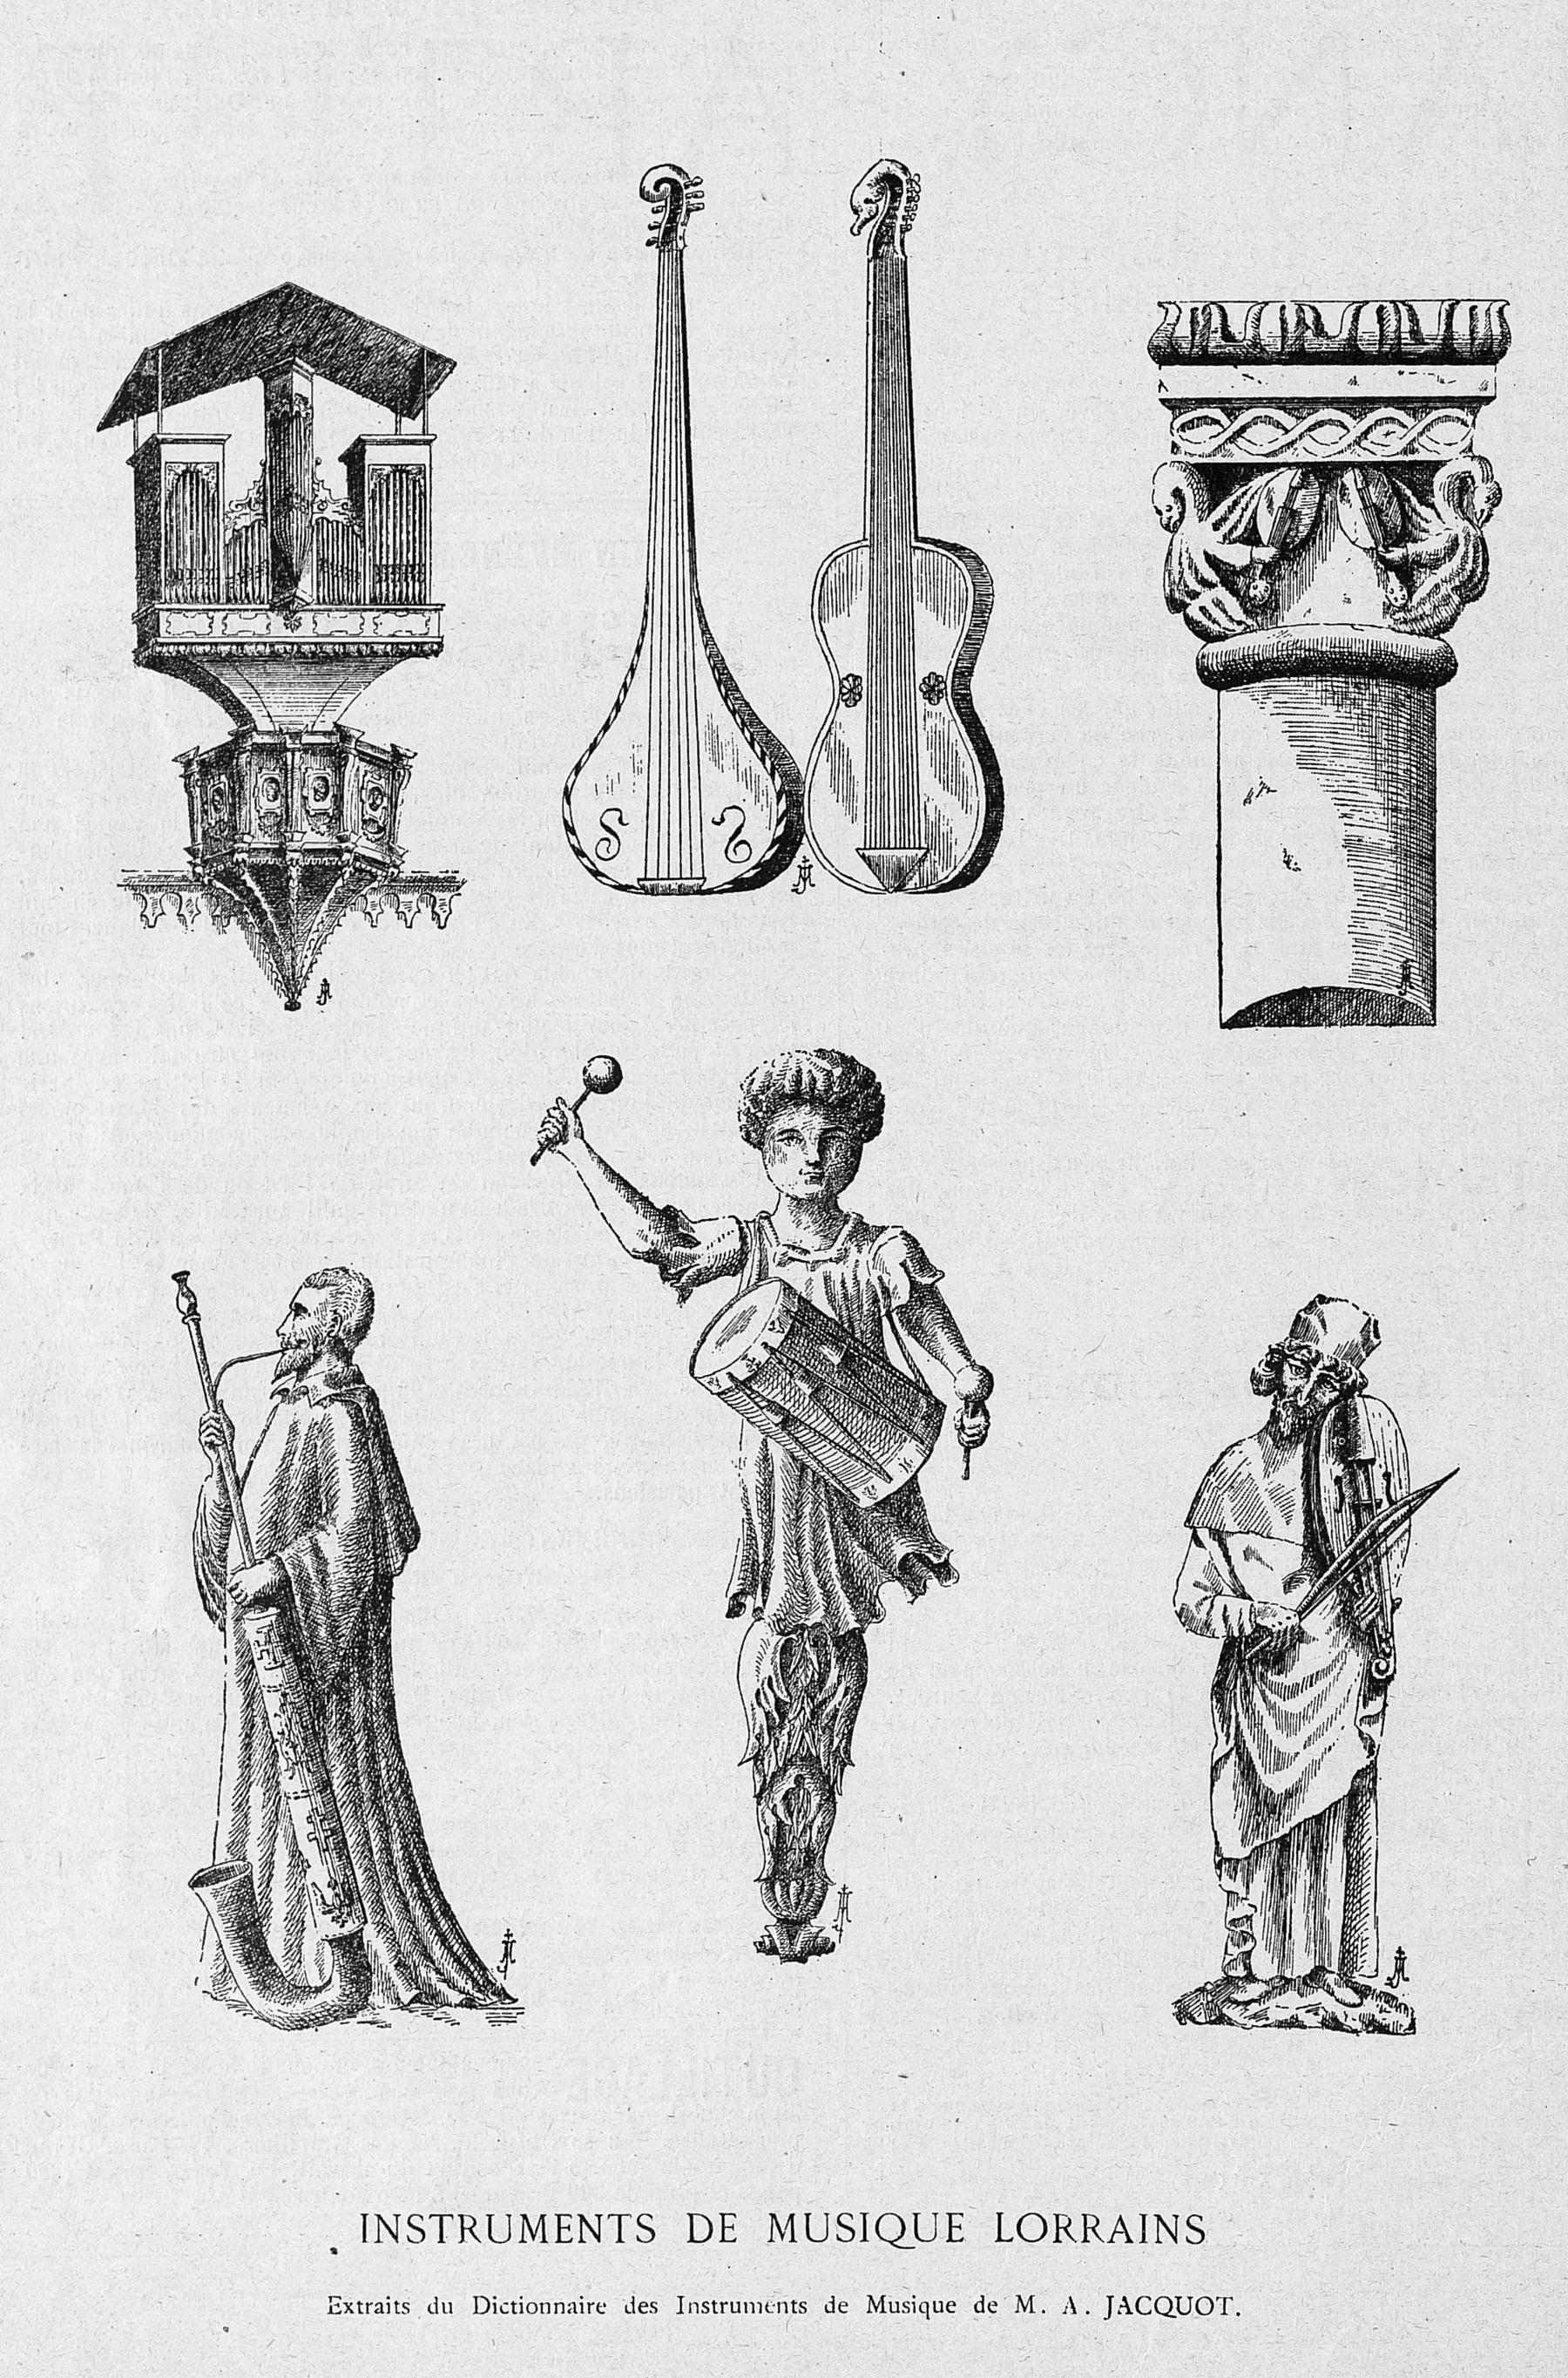 Contenu du Instruments de musique lorrains